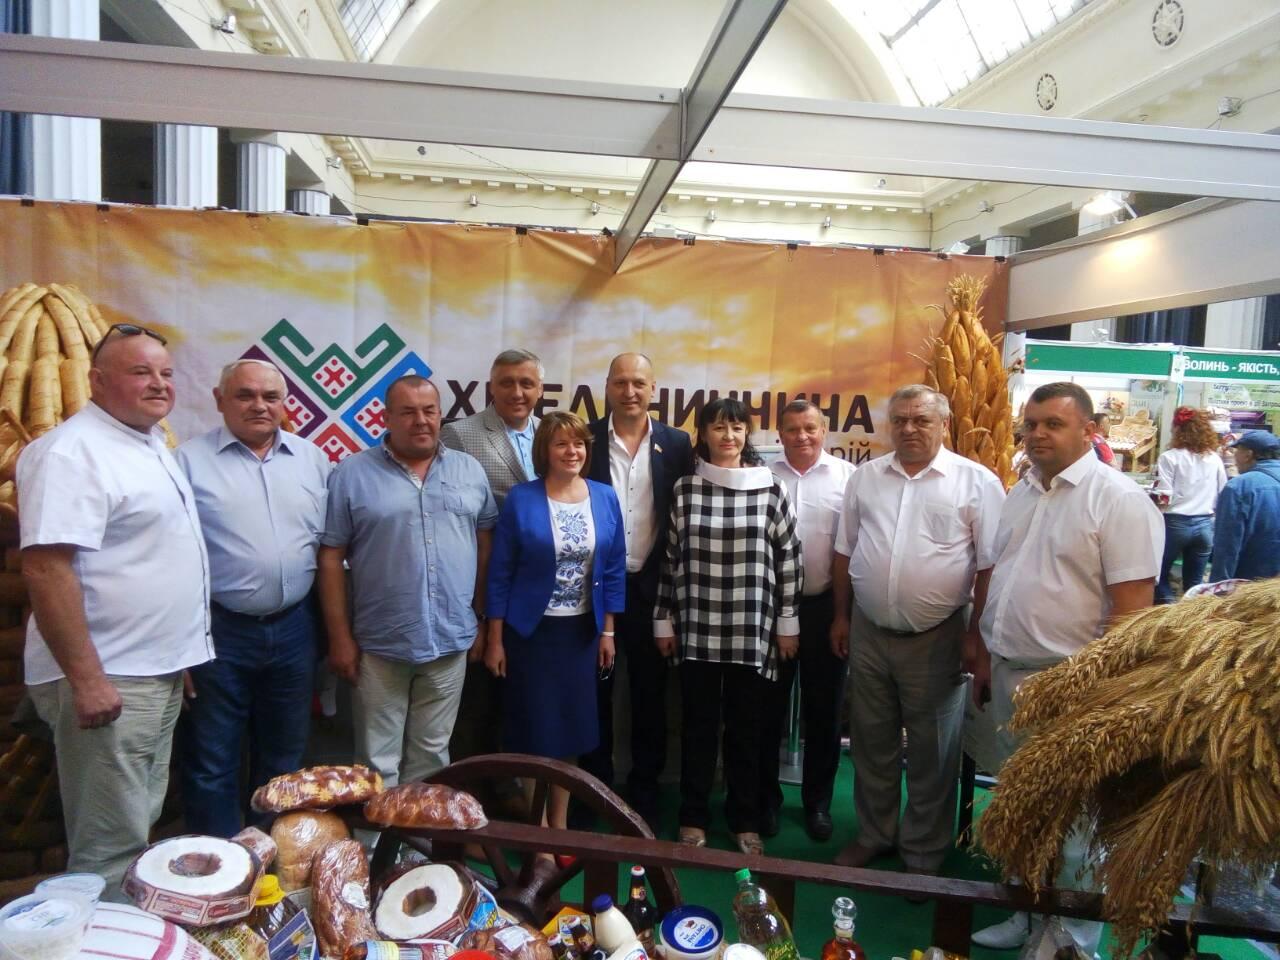 ХХХ Міжнародна агропромислова виставка «Агро-2018»